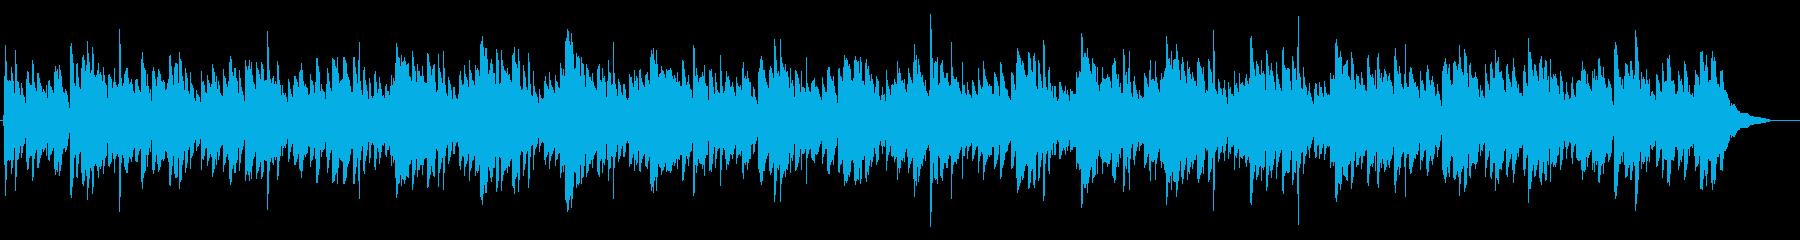 アコギアルペジオのバラード感動 結婚式の再生済みの波形